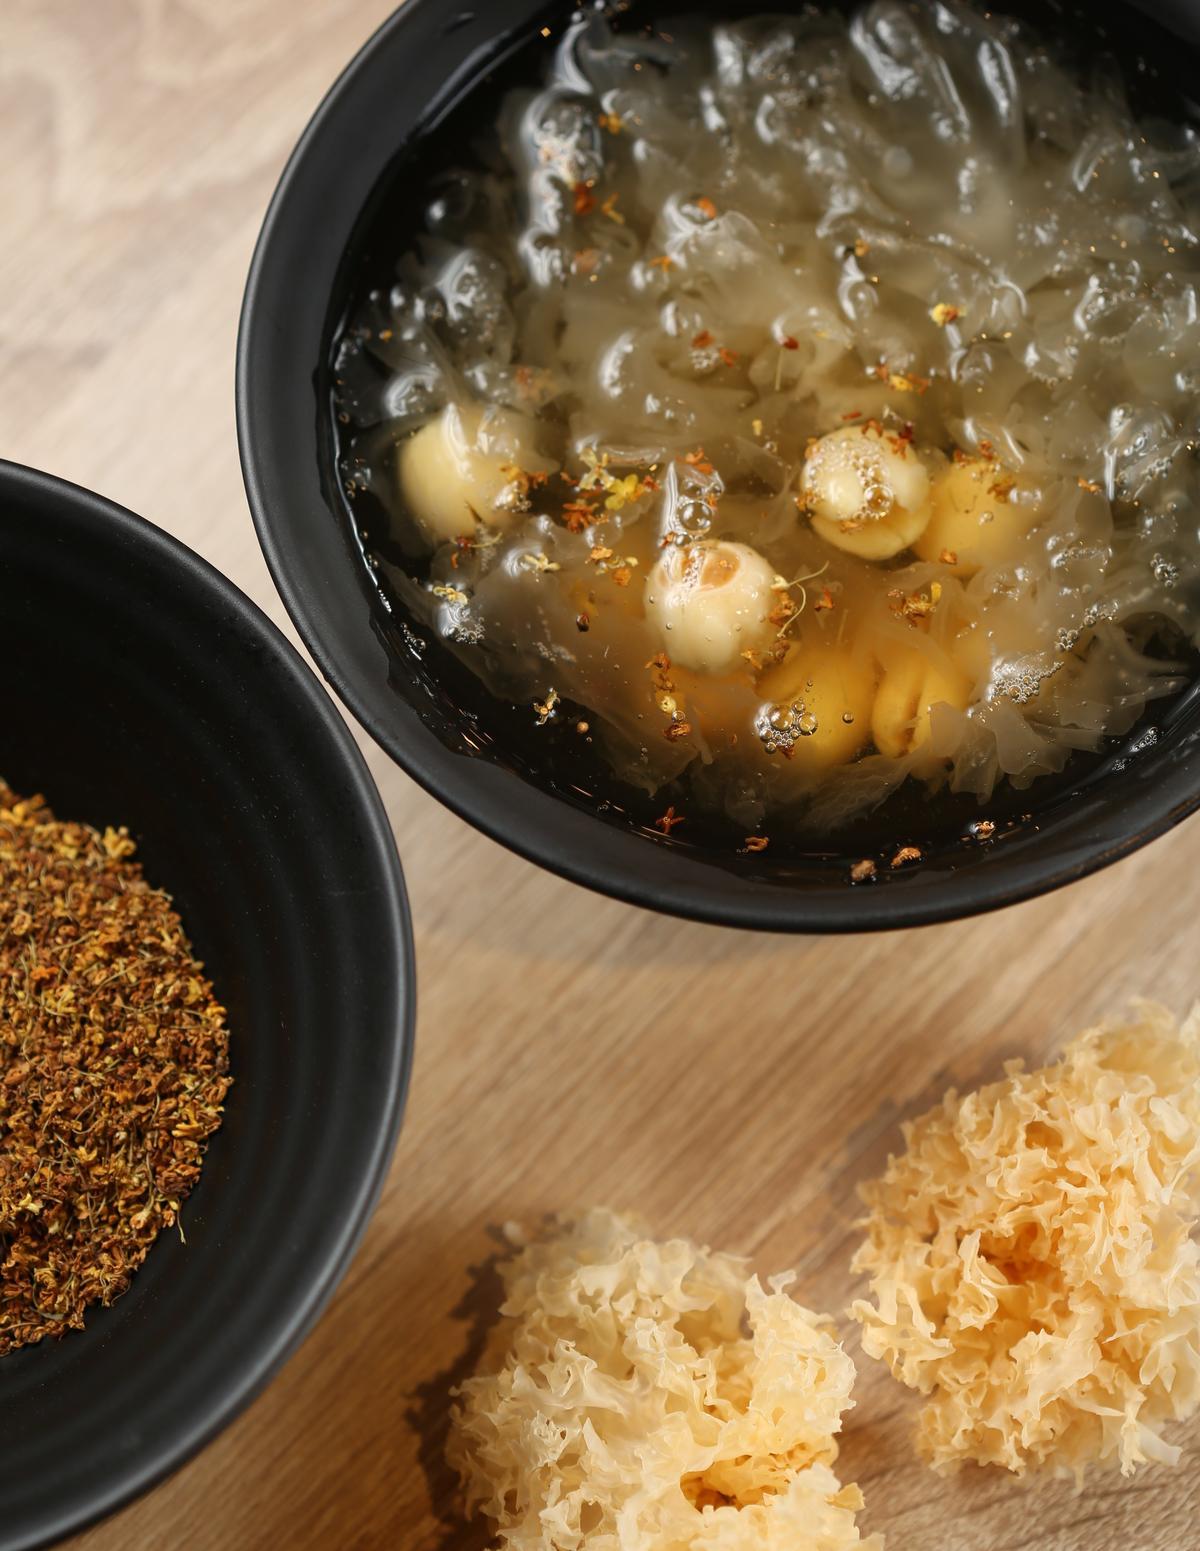 「桂花銀耳蓮子湯」選用苗栗南庄的桂花,注入秋陽般溫郁香氣,暖化蓮子與銀耳的清冷基調。(60元/碗)